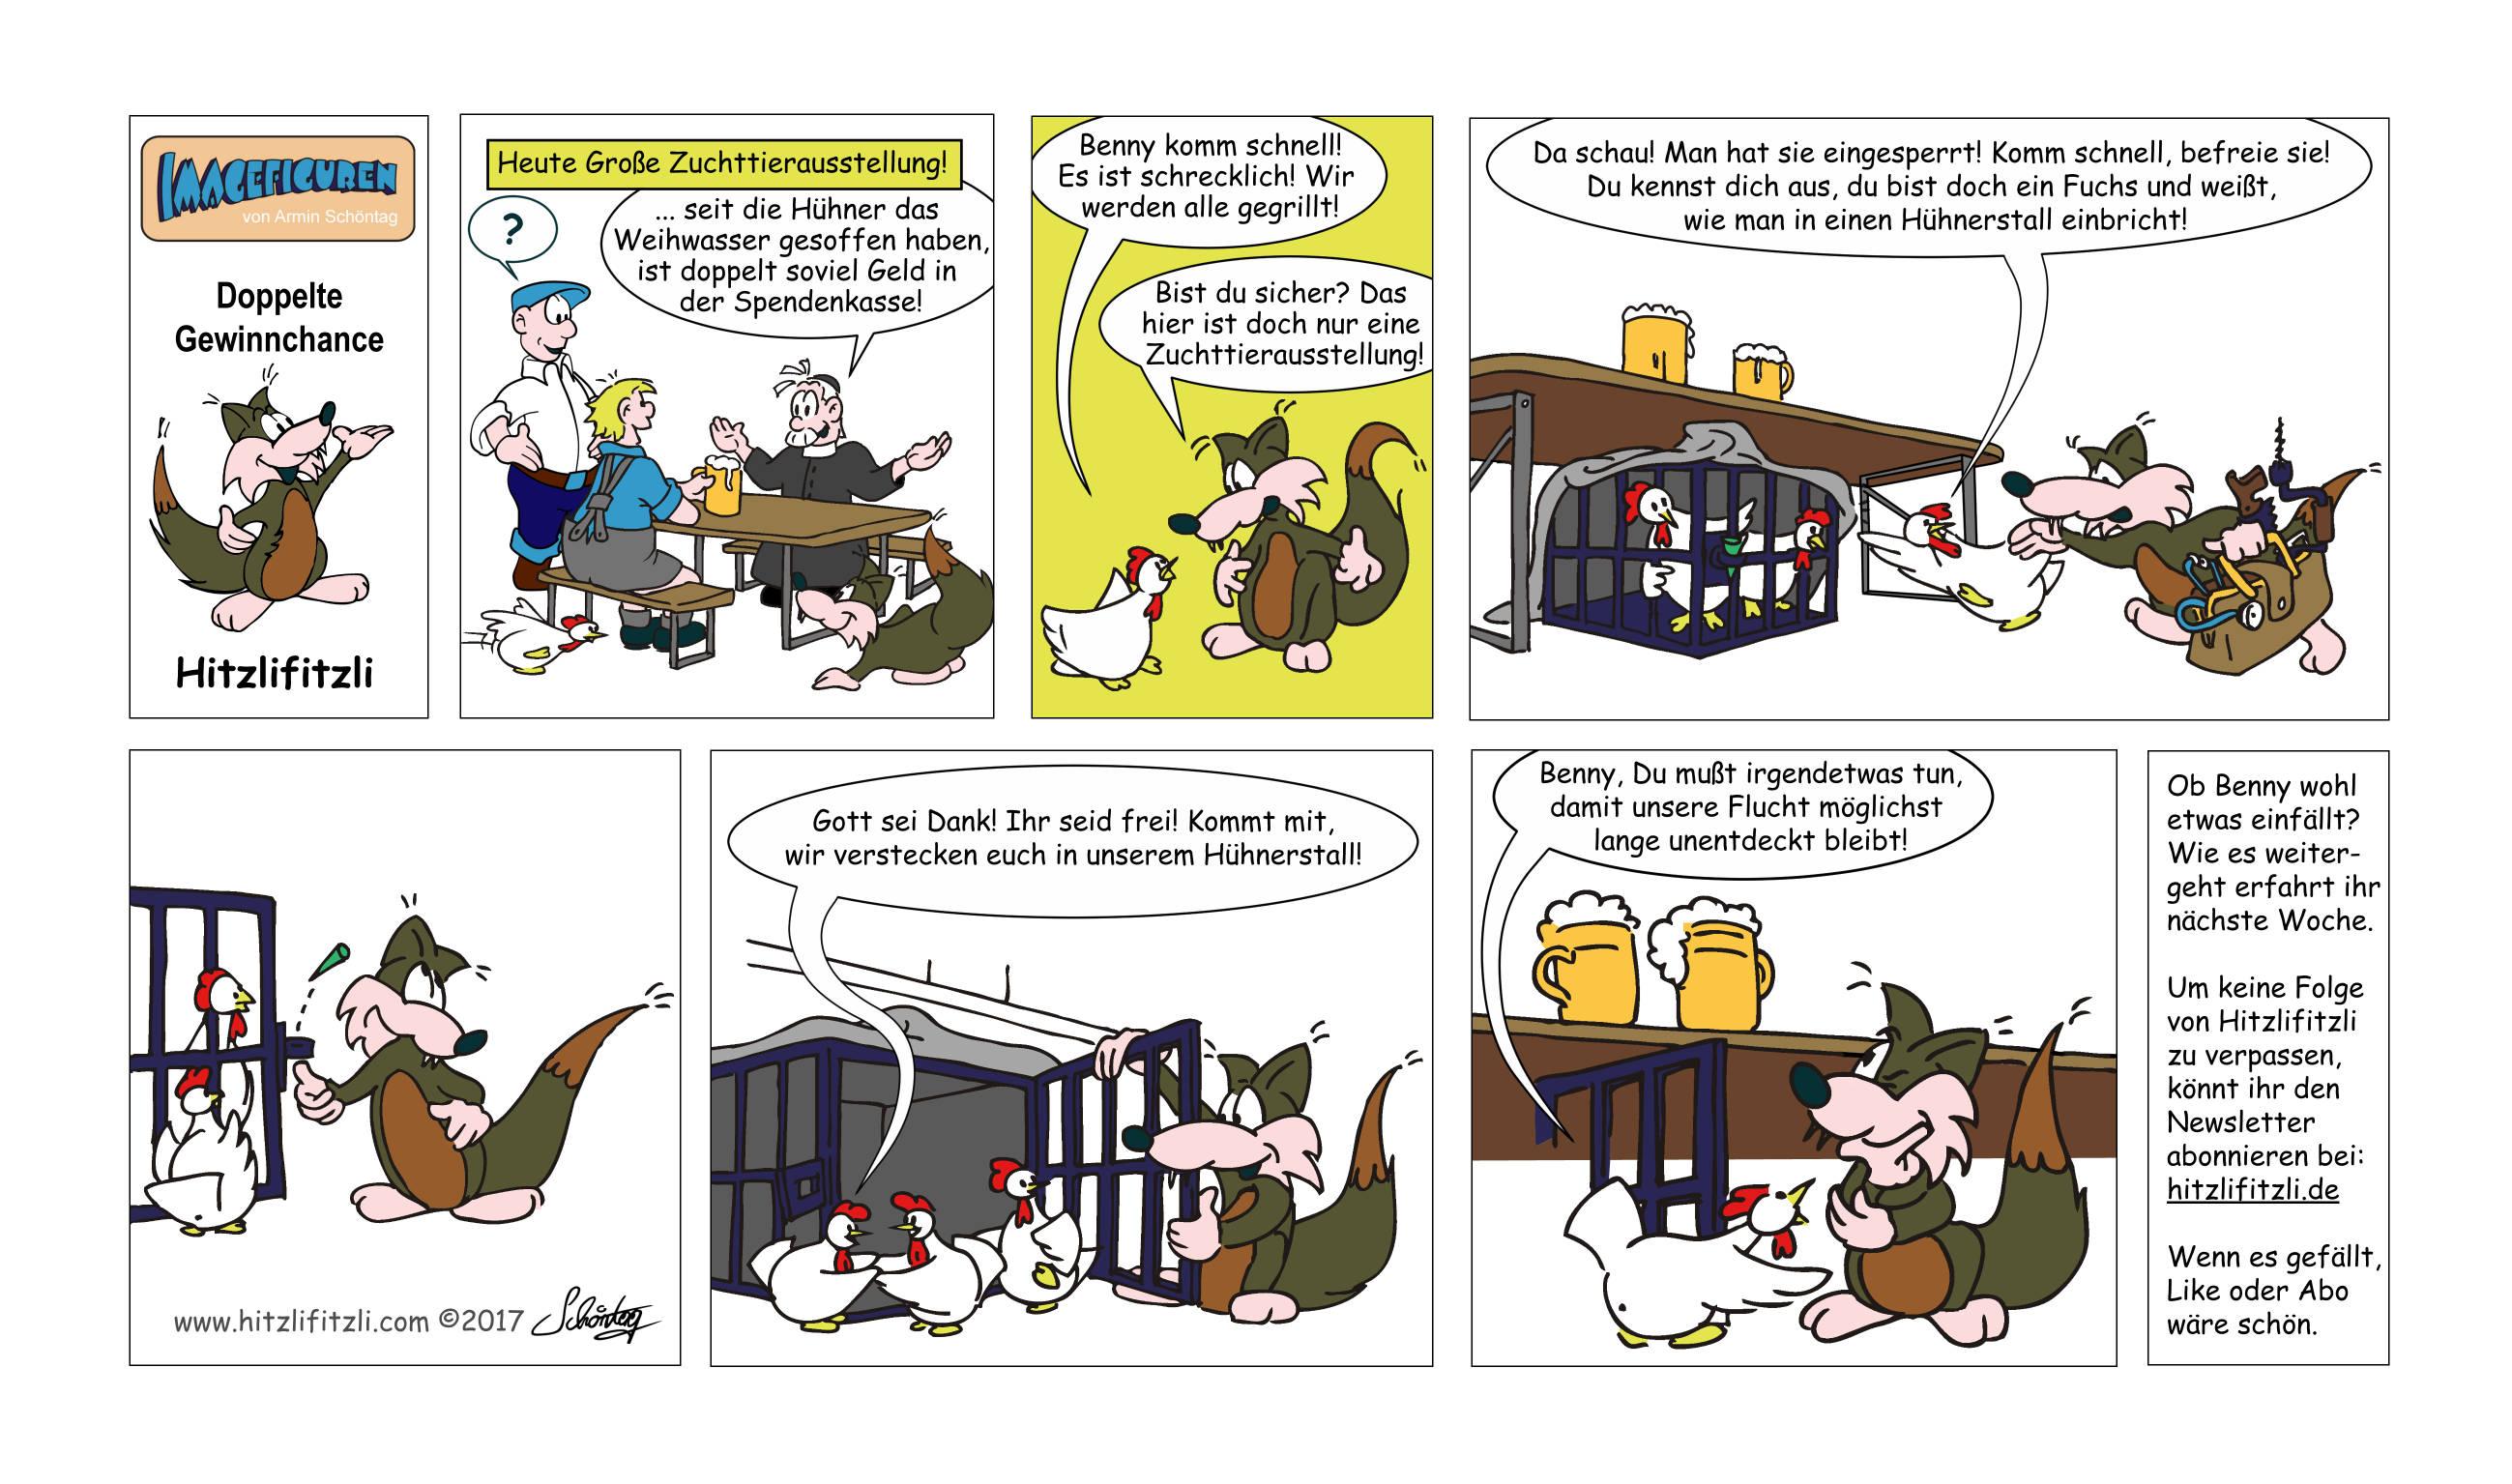 Hitzlifitzli-Comic: Bei der Zuchttierschau berichtet der Pfarrer dem Max , dass er doppelt soviele Spenden im Opferstock habe seit die Hühner das Weihwasser getrunken haben. Eins von Max Hühnern alarmiert Benny, weil es glaubt auf der Veranstaltung würden Hühner gegrillt. Benny Hitzlifitzli hilft den Hühnern bei der Flucht aus dem Käfig von Franz.